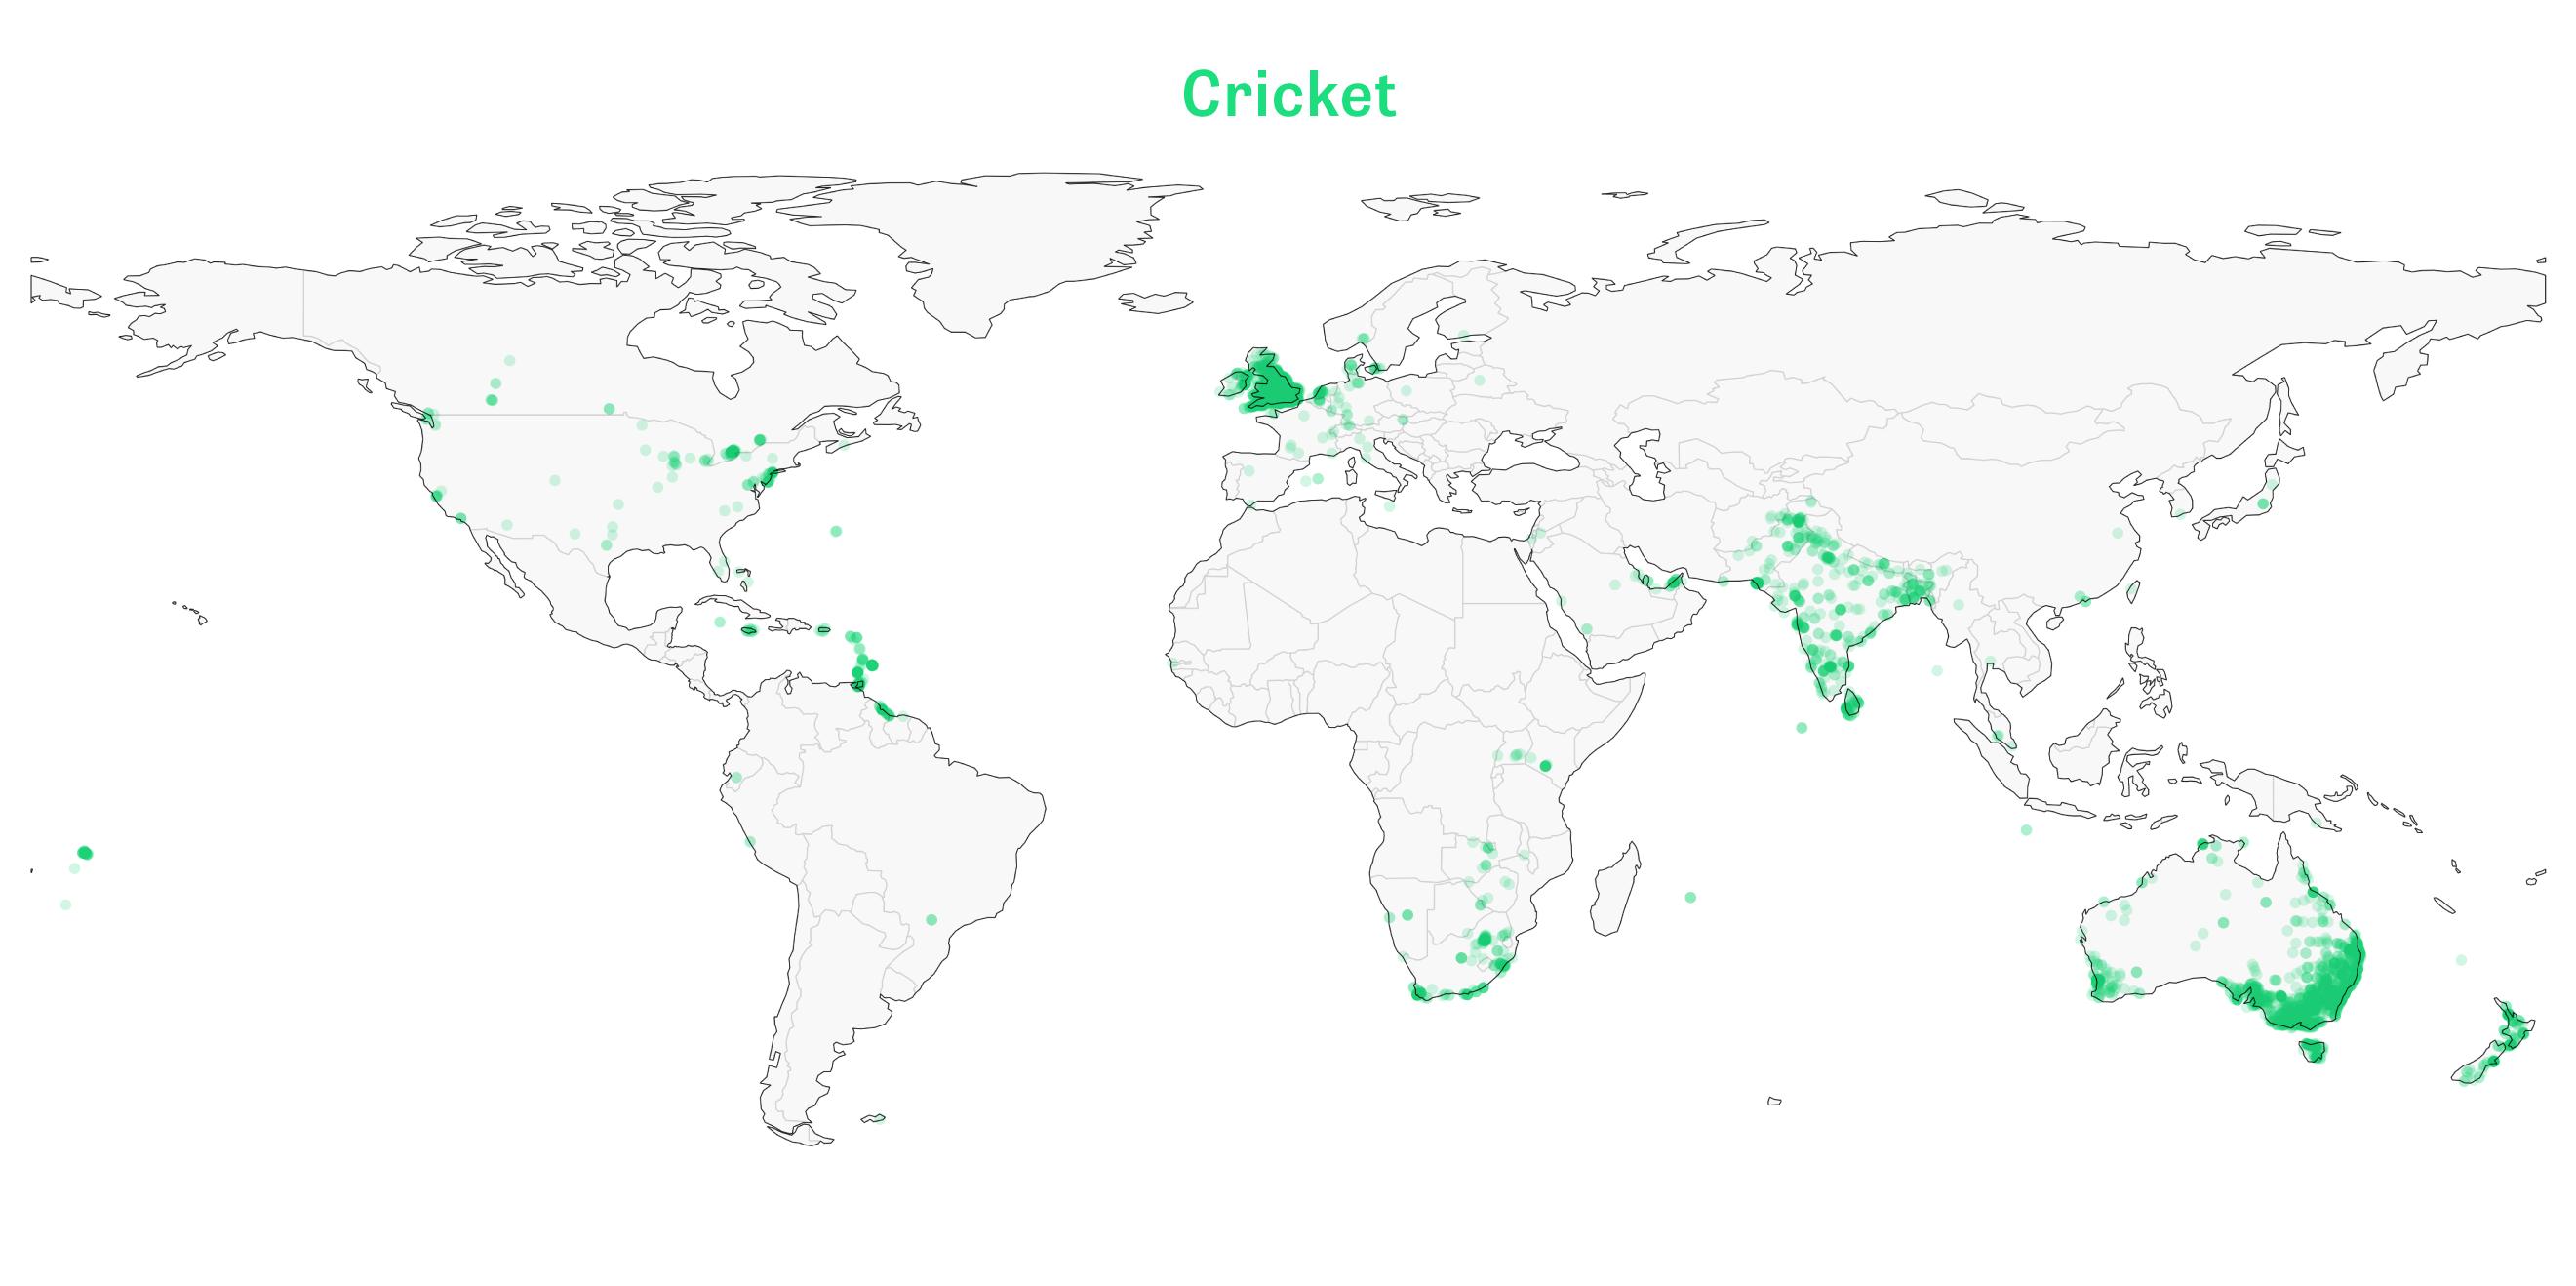 Sportarten: Handball ist eine europäische Angelegenheit, wie ein Blick auf unsere Weltkarte der Sportstätten zeigt. Wer auf dem Planeten welchen Sport treibt, wir zeigen es Ihnen.